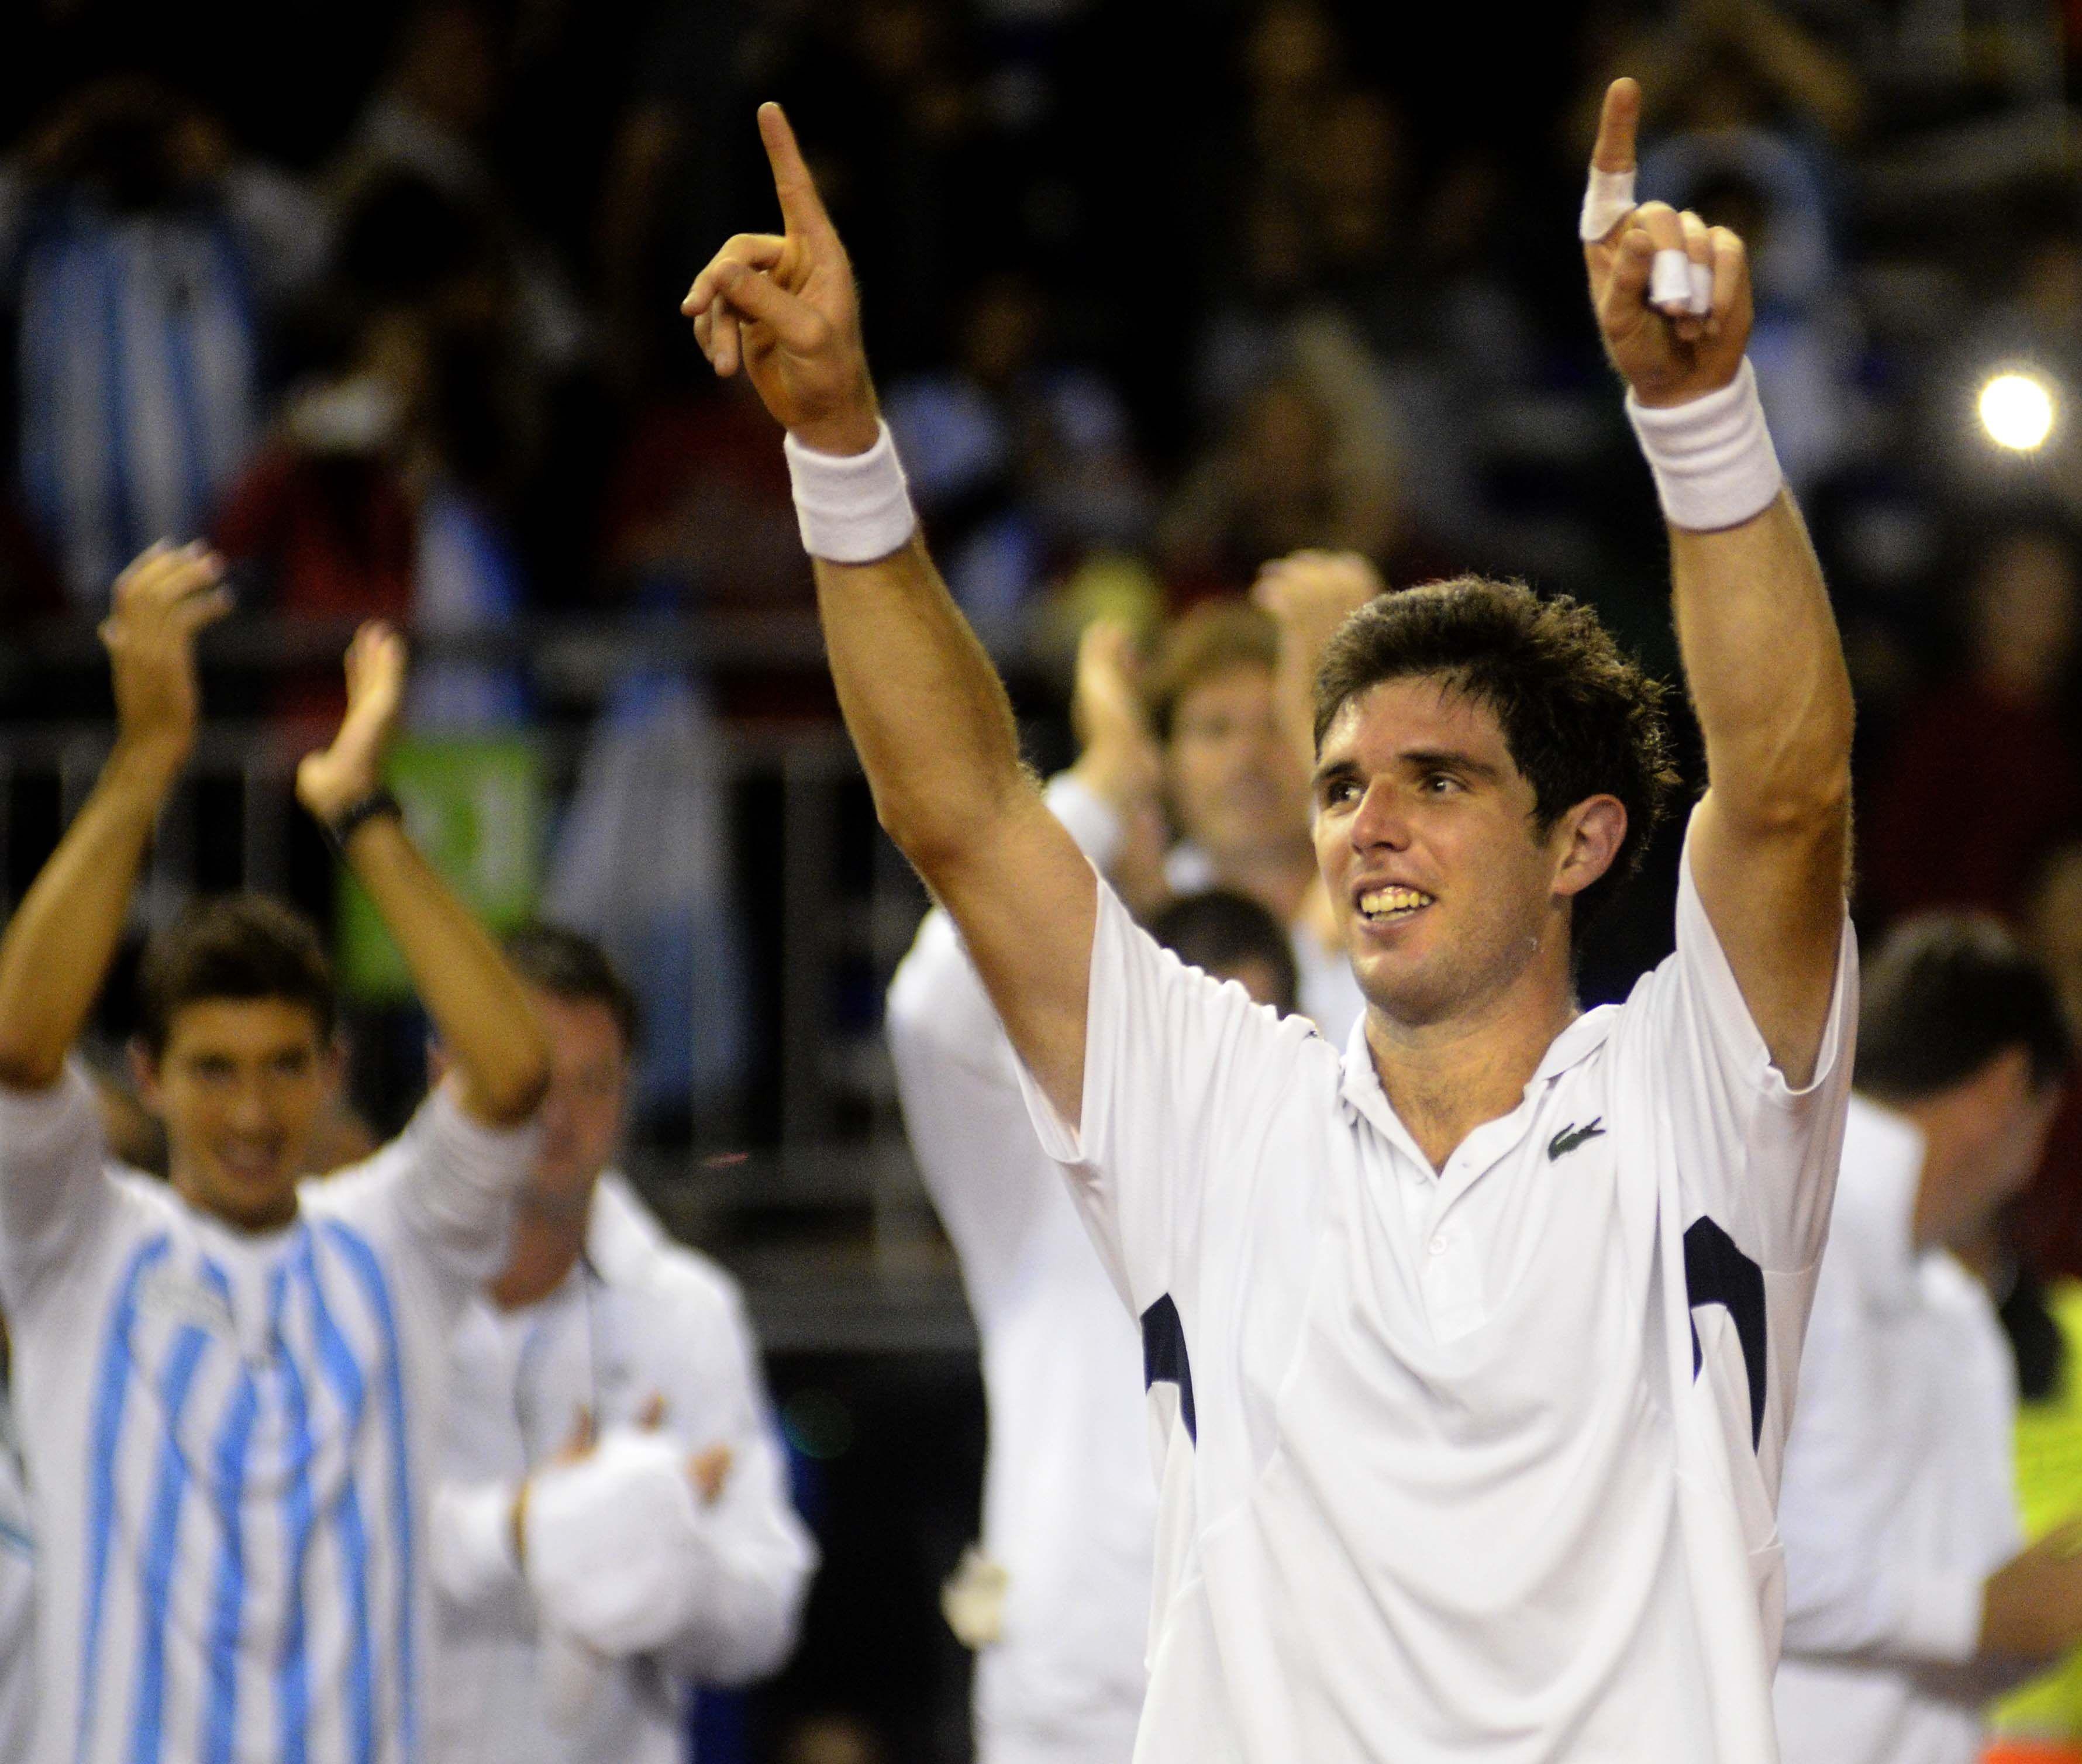 Copa Davis: Delbonis abrirá la serie de cuartos frente a Seppi